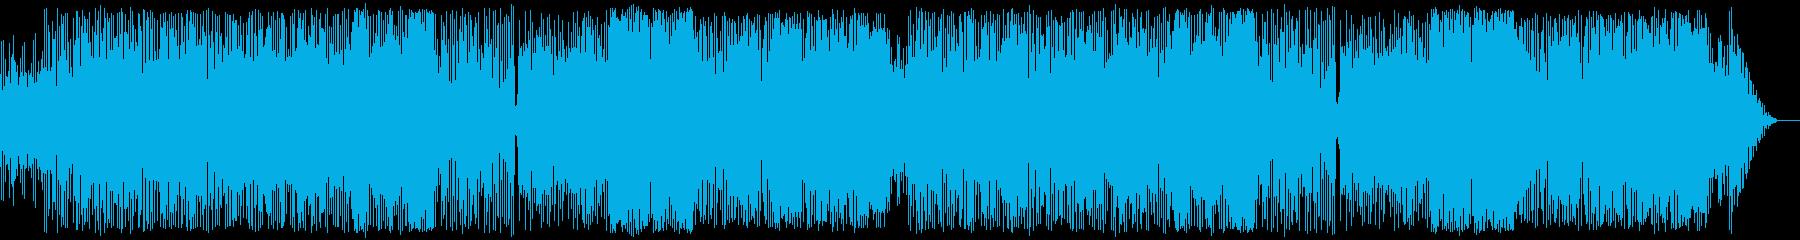 ゲーム用素材/ダンジョン・渓谷などの再生済みの波形